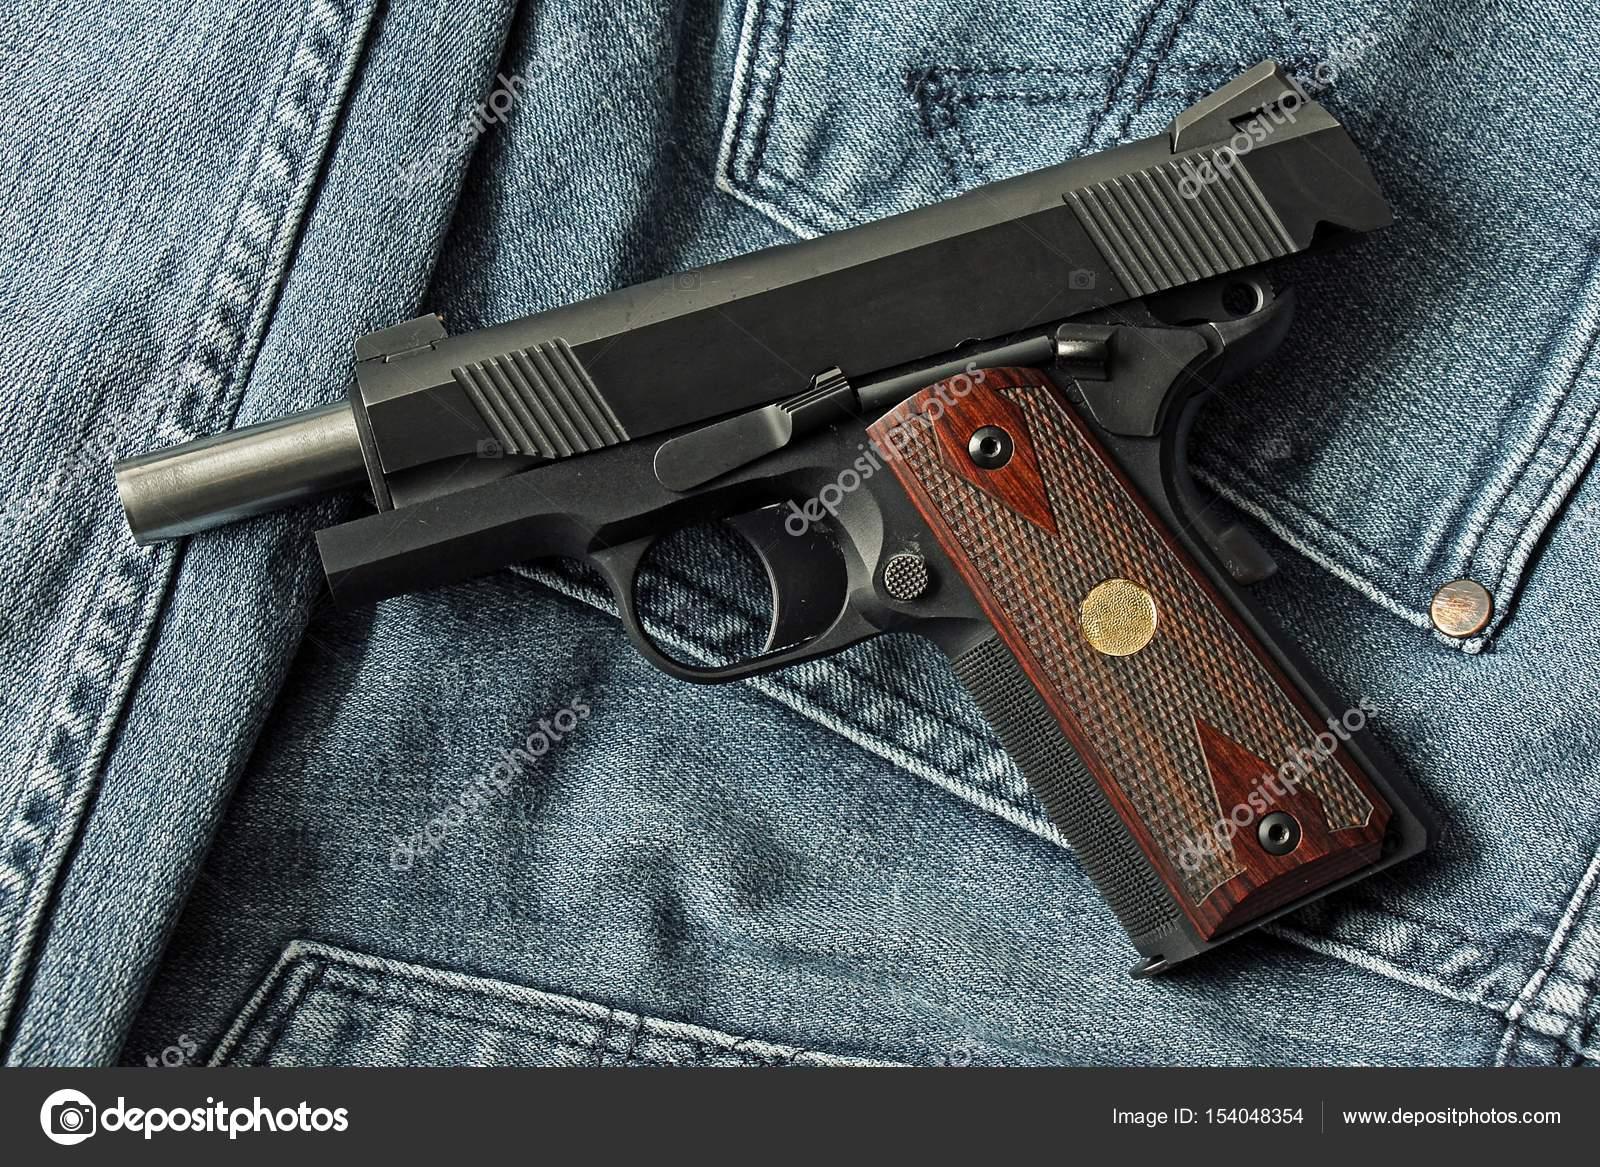 Scaricare una pistola semiautomatica